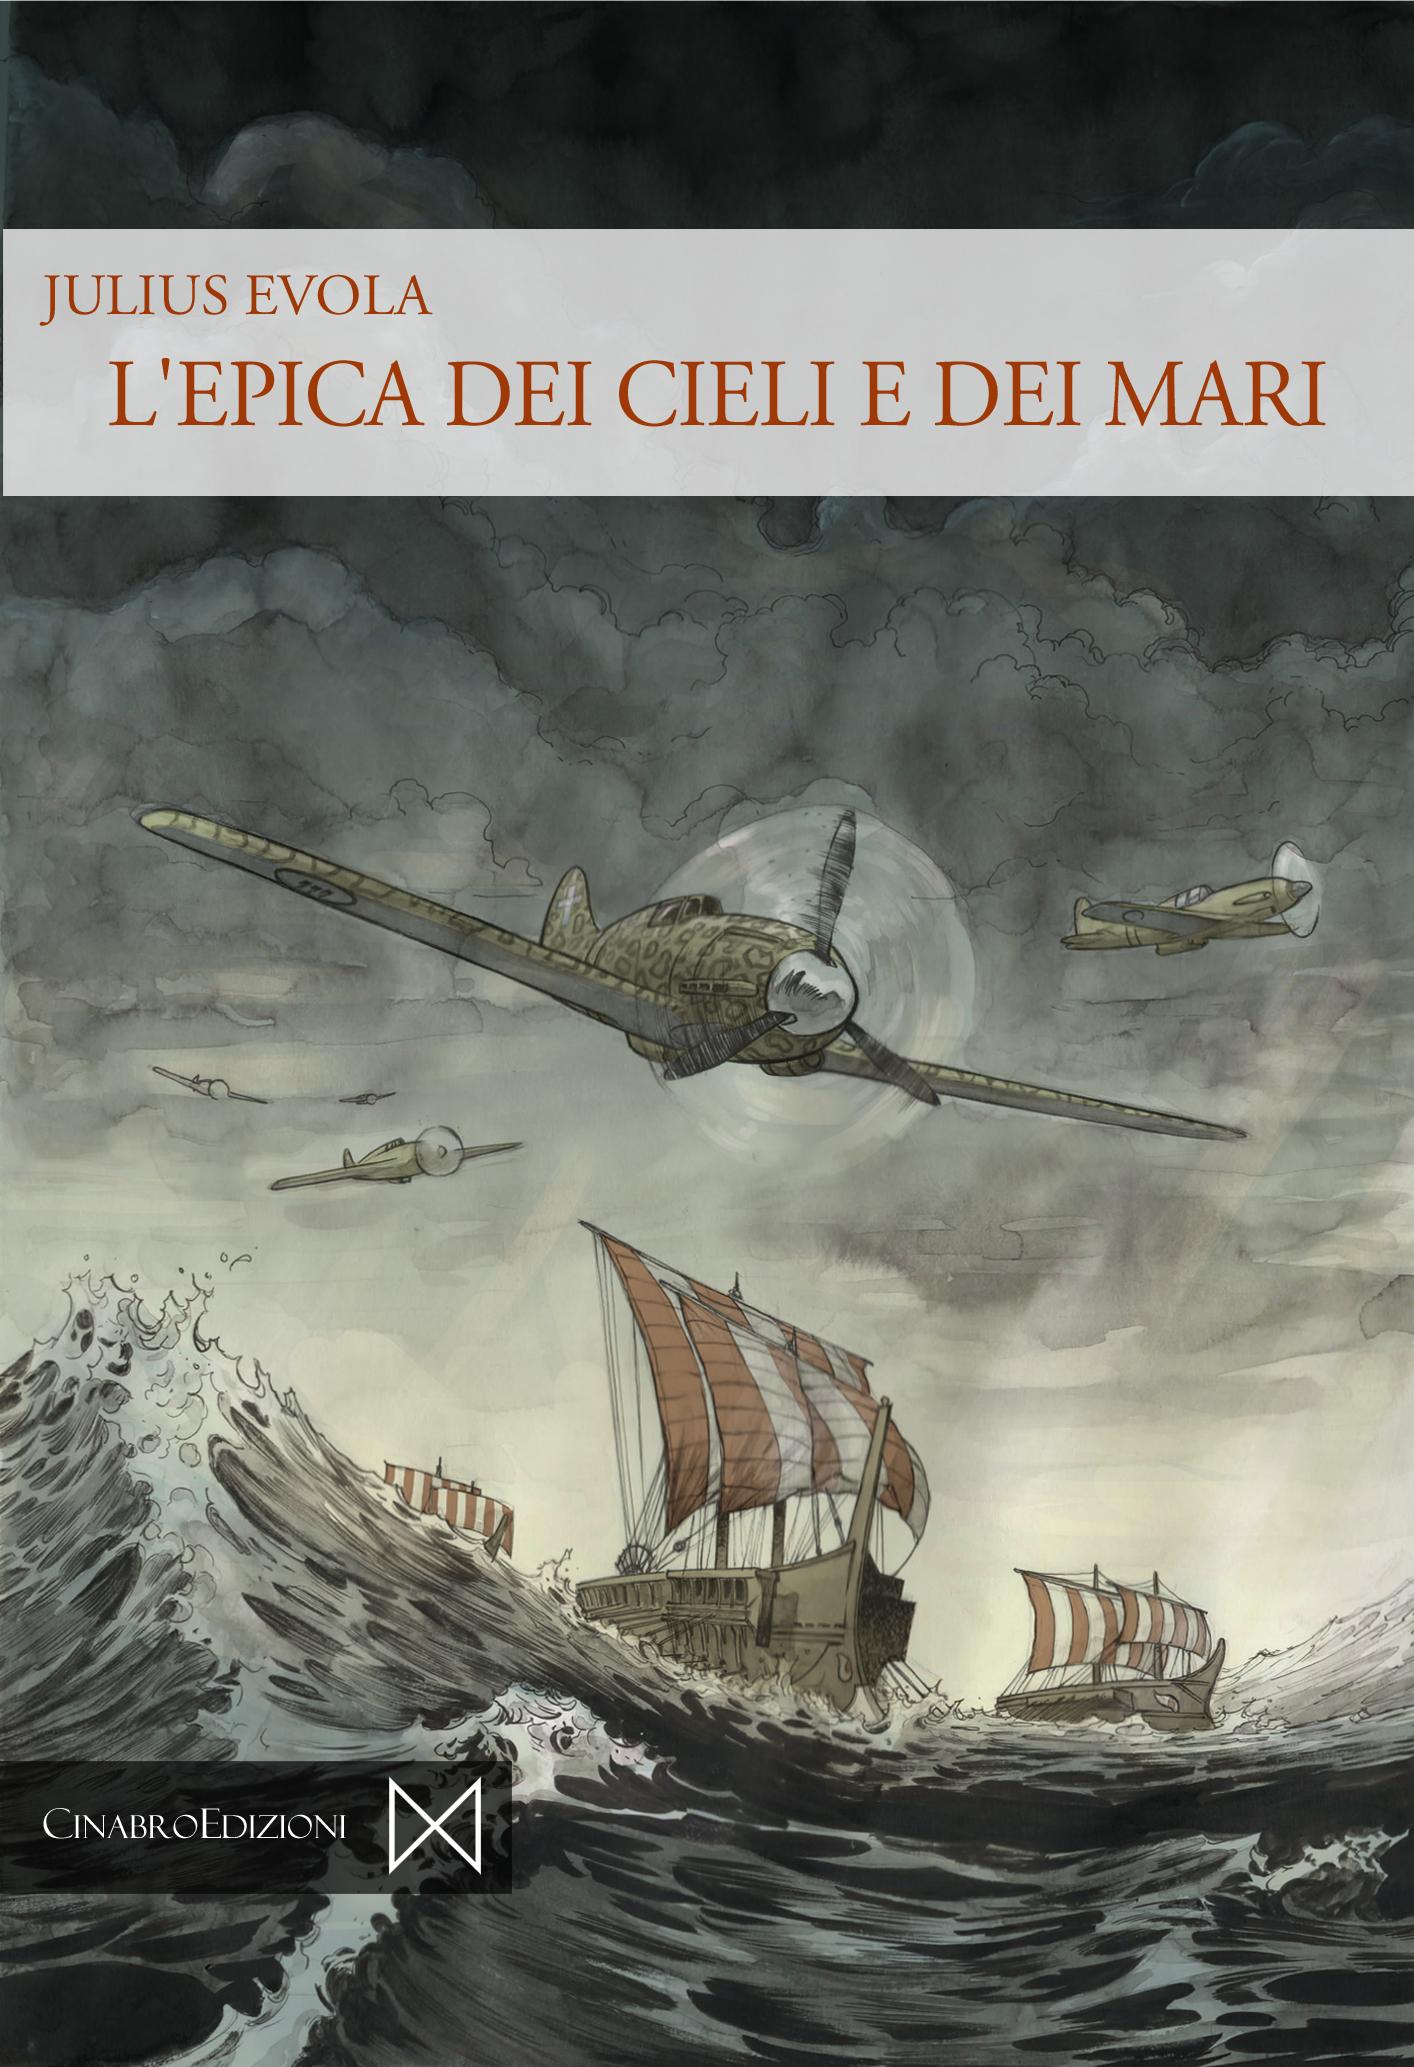 Evola - Epica dei cieli e dei mari